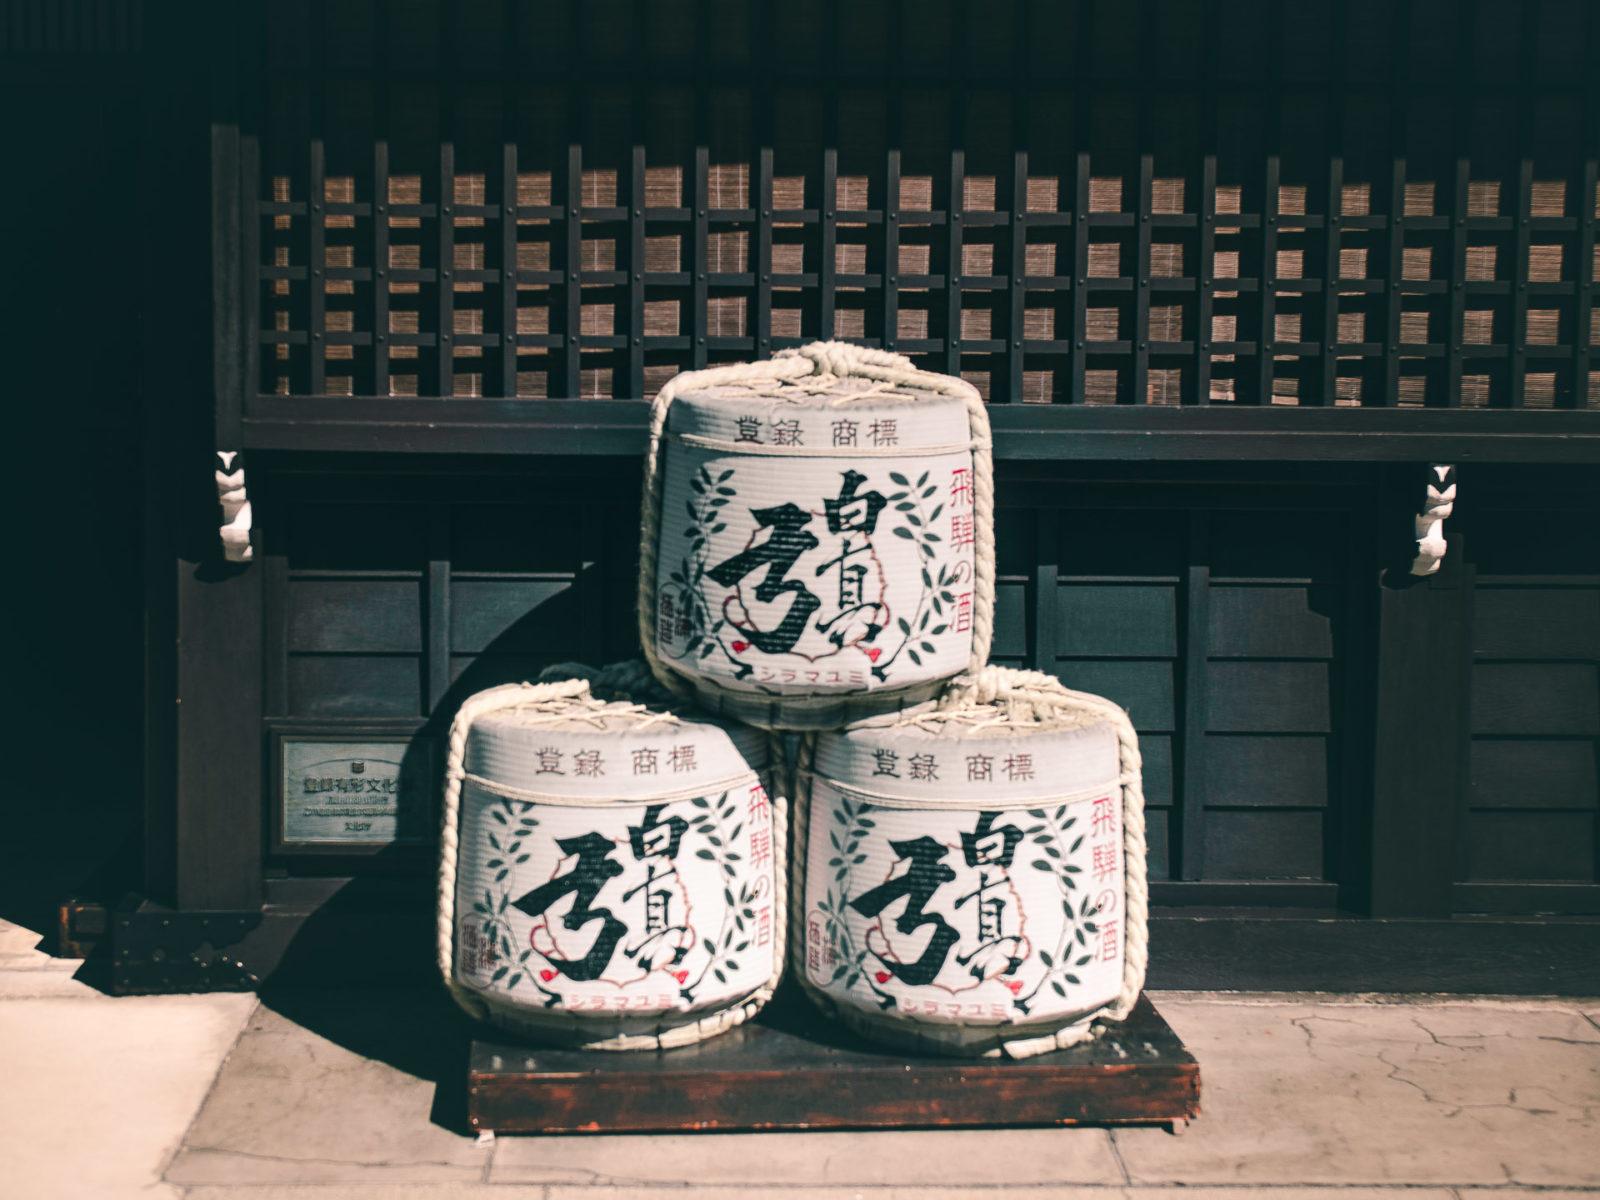 1600942432 232 Hida Furukawa camina en Japon inspiracion de Your Name